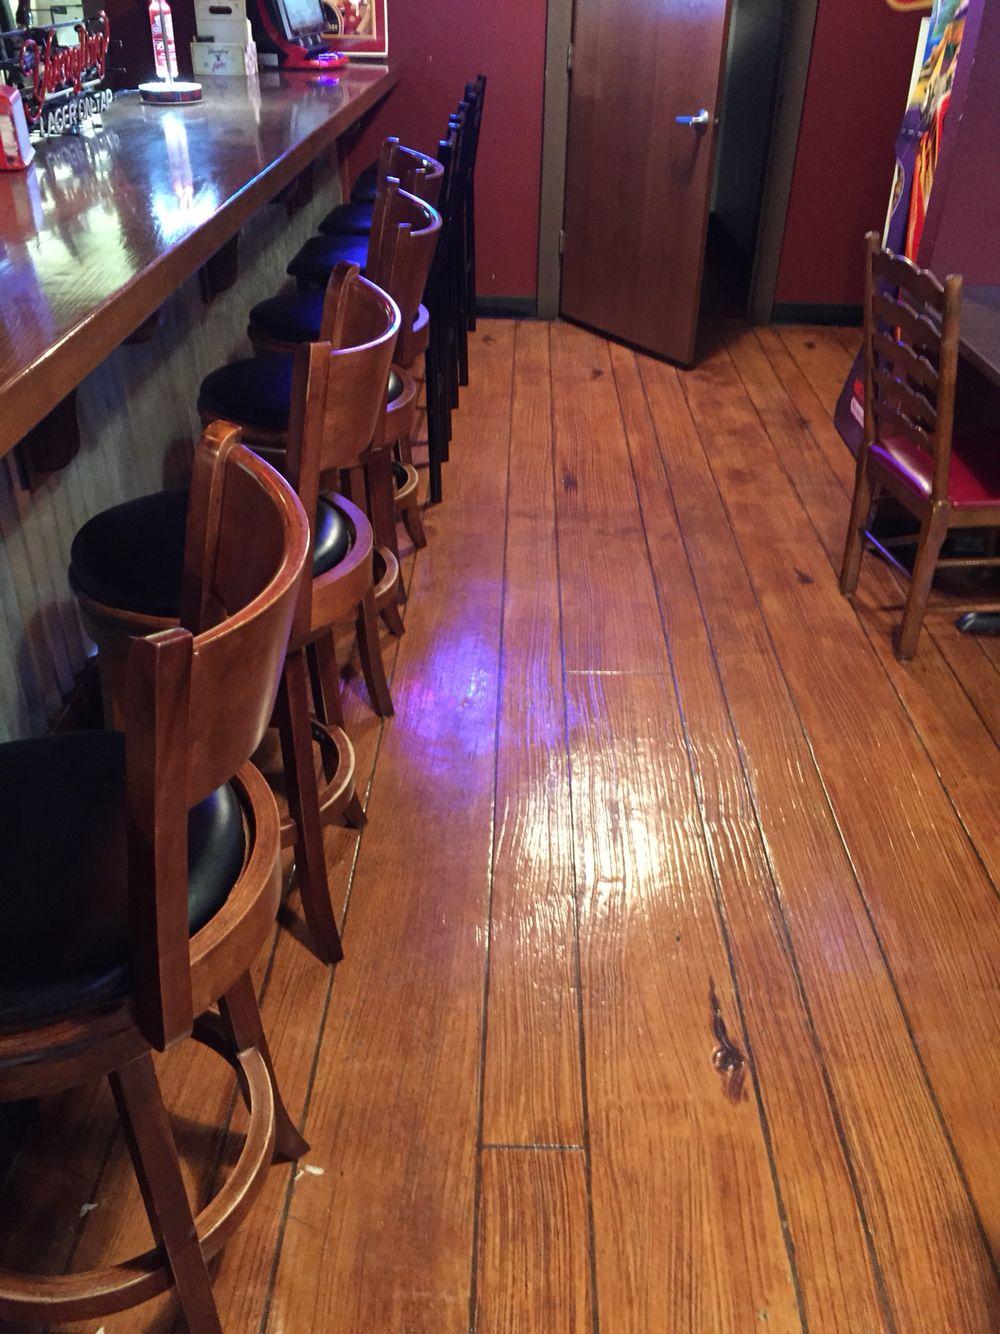 Wood concrete floor in Ohio Restaurant Concrete wood